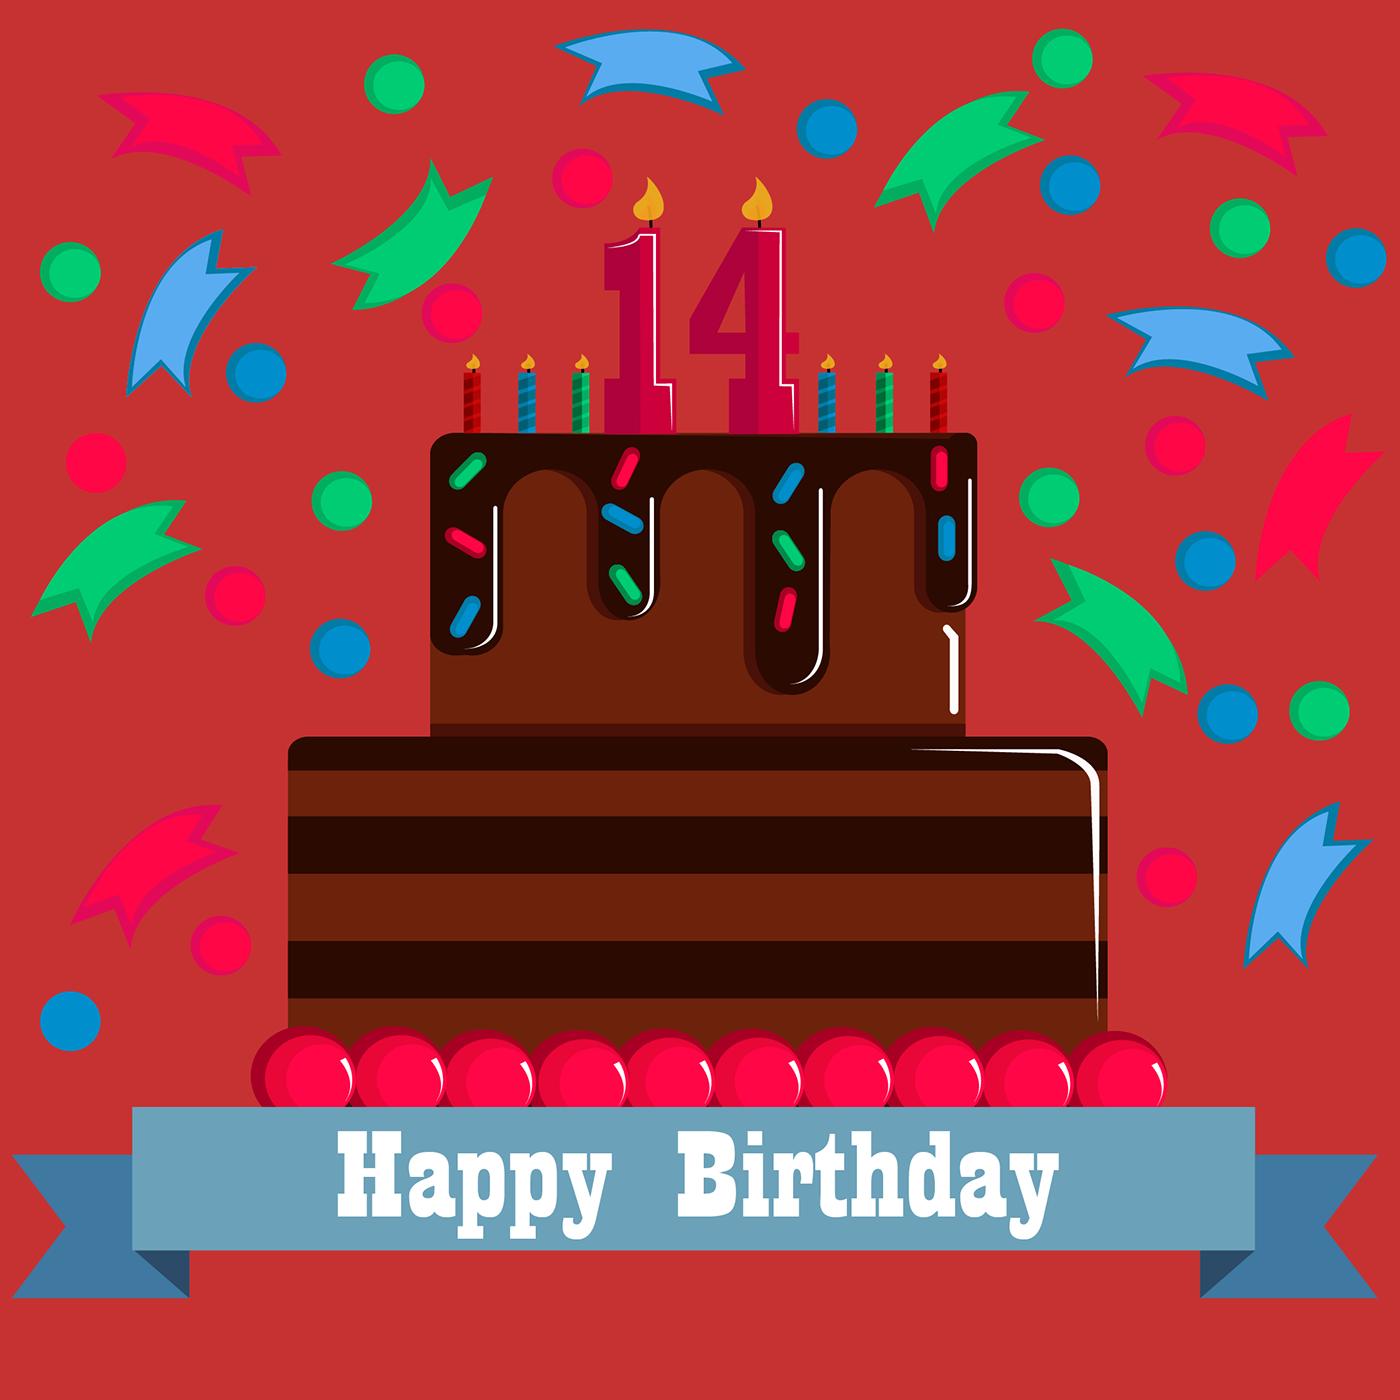 精緻的19款生日蛋糕圖案欣賞